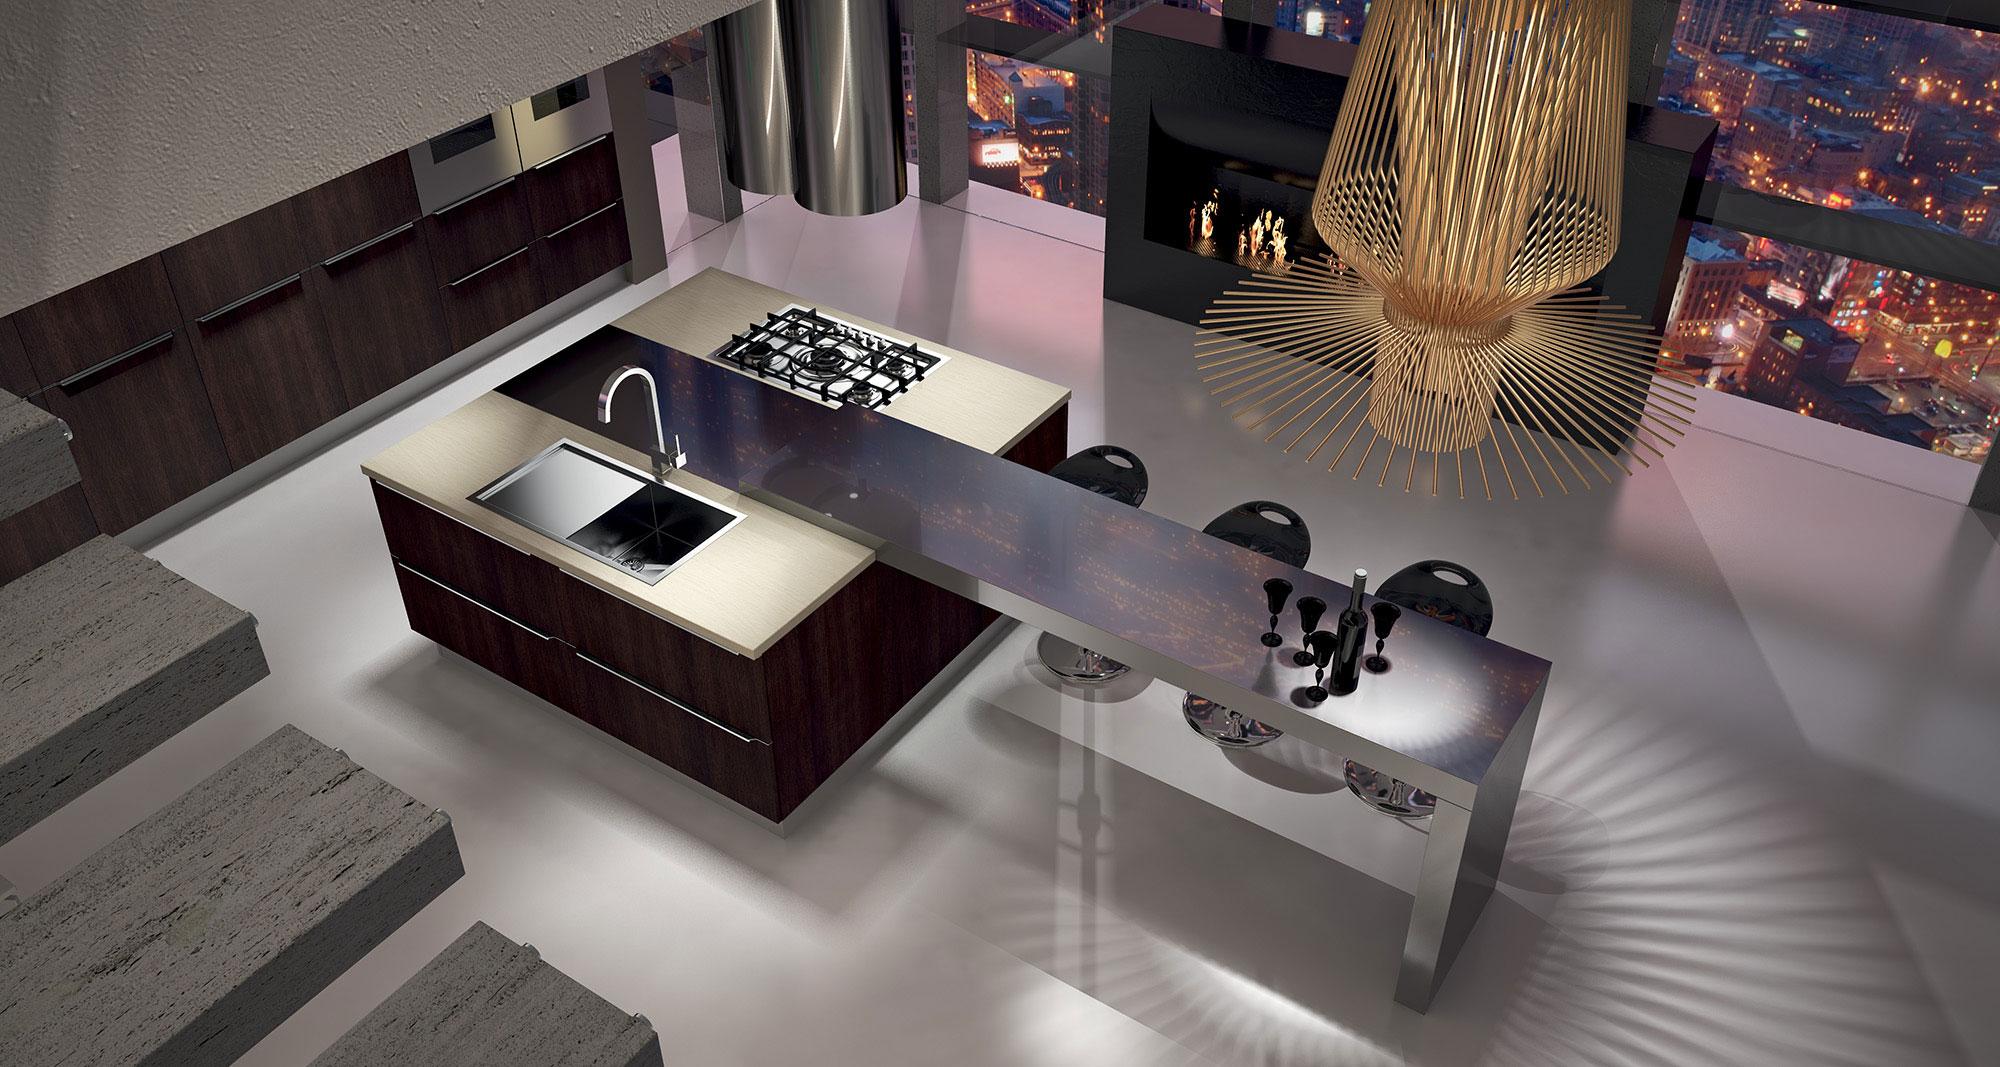 מטבח מודרני אריטל יושי ARRITAL YOSHI